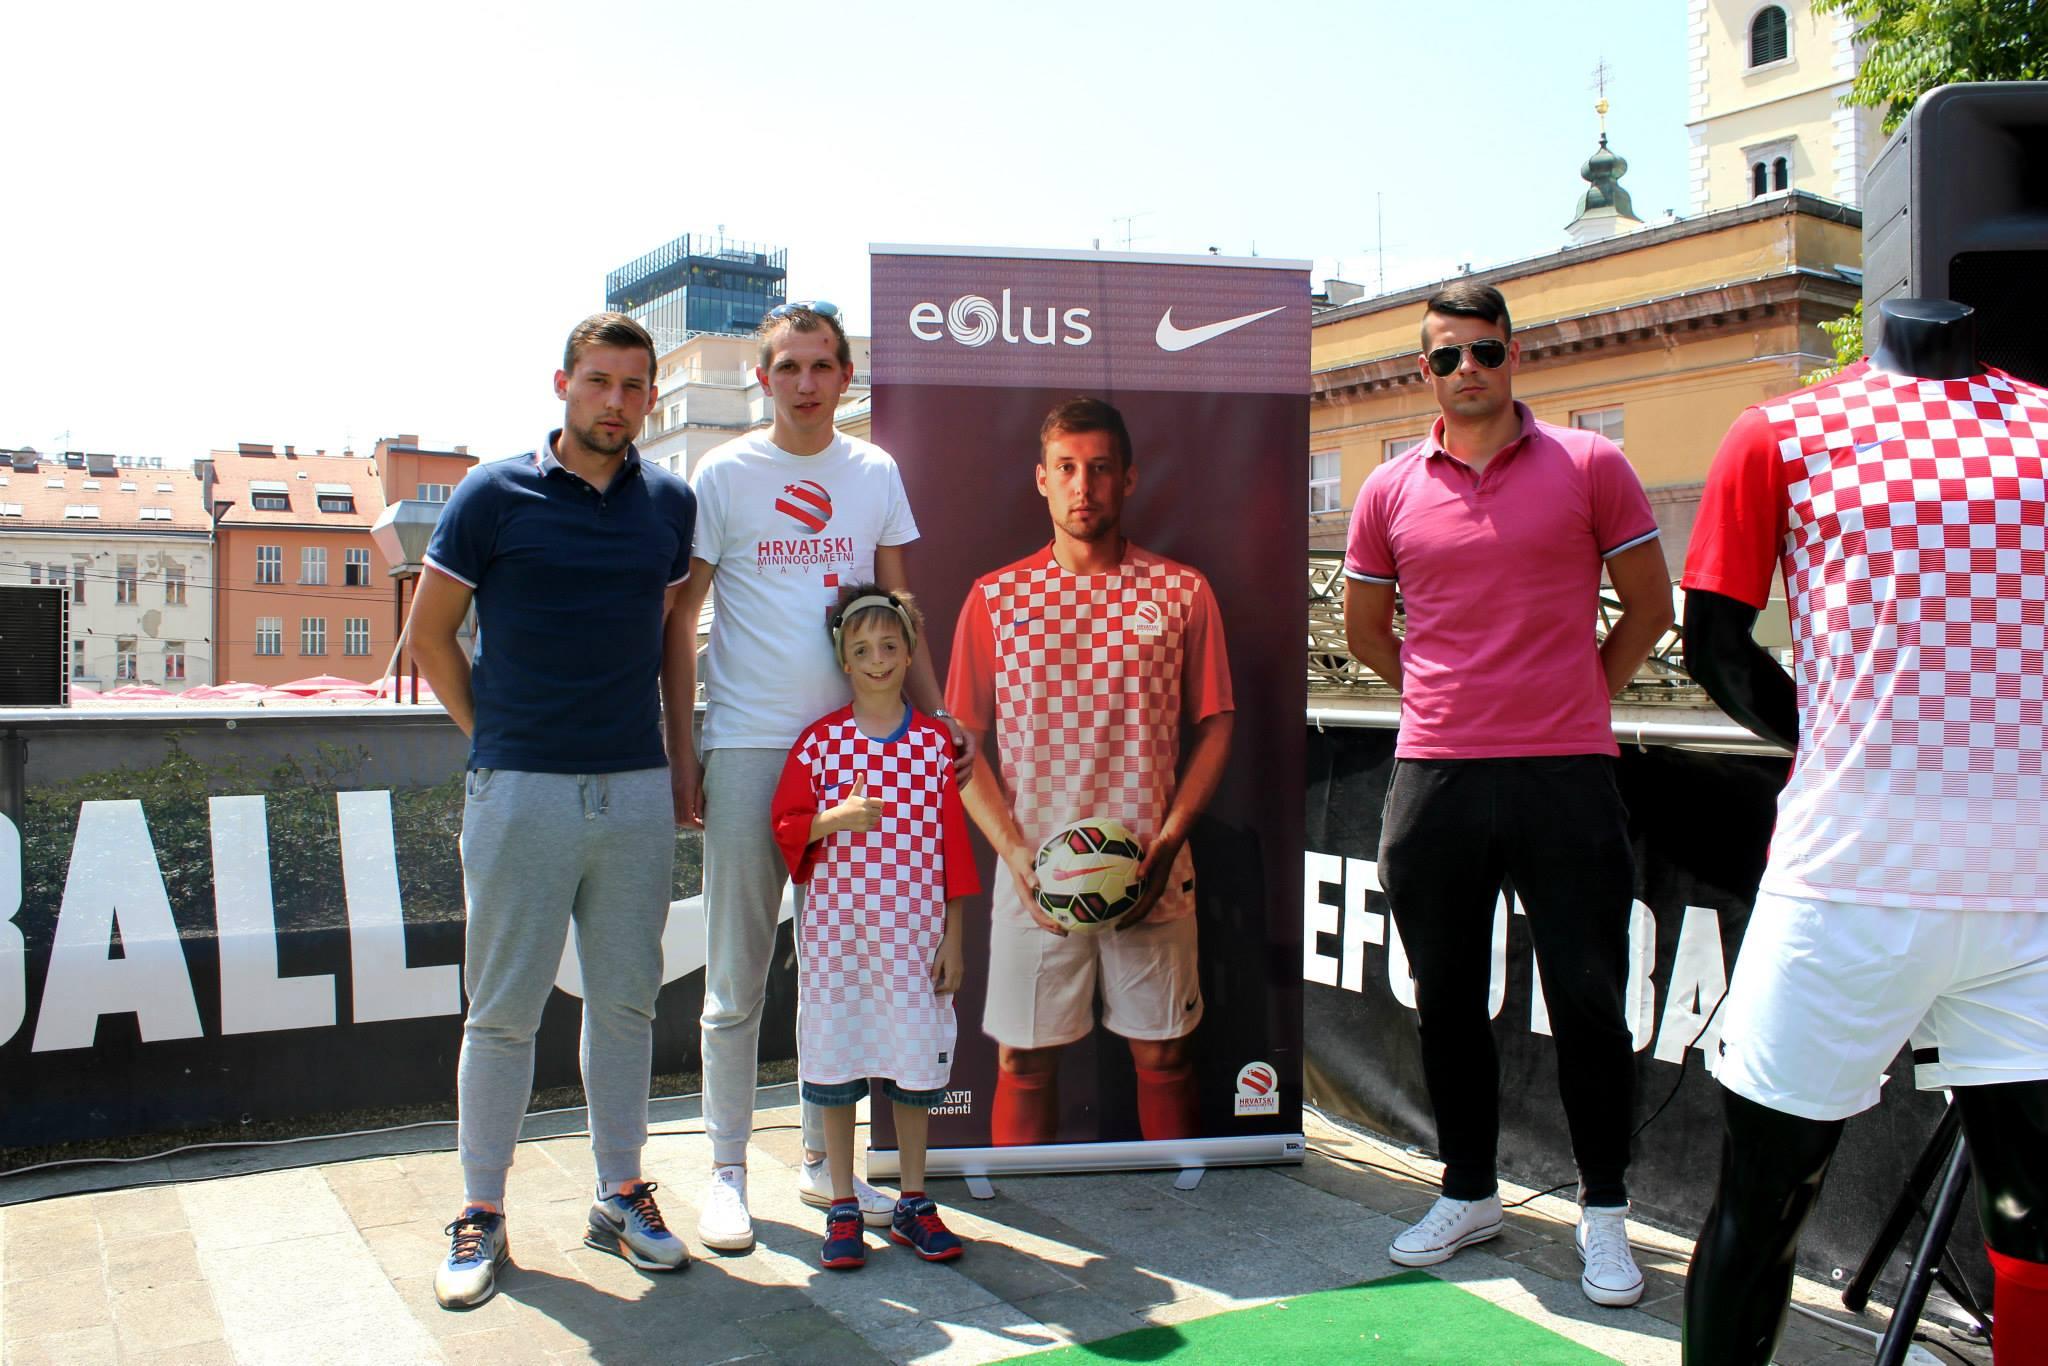 Mininogometna_reprezentacija_europsko_prvenstvo_2015_Stjepan_Aleksandar_Korenika_1